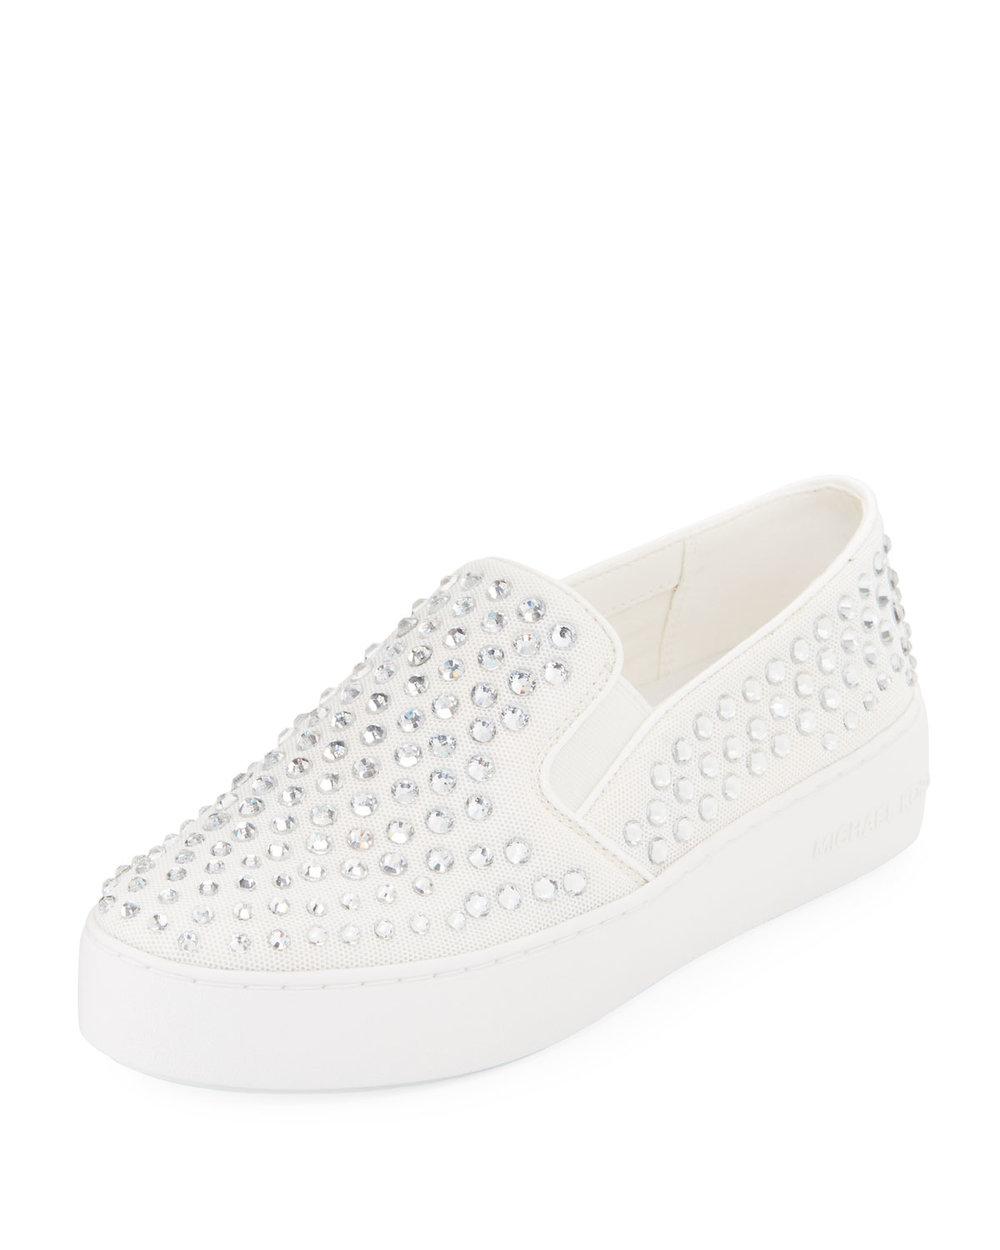 MICHAEL Michael Kors Trent Crystal Mesh Skate Sneaker   $125.00